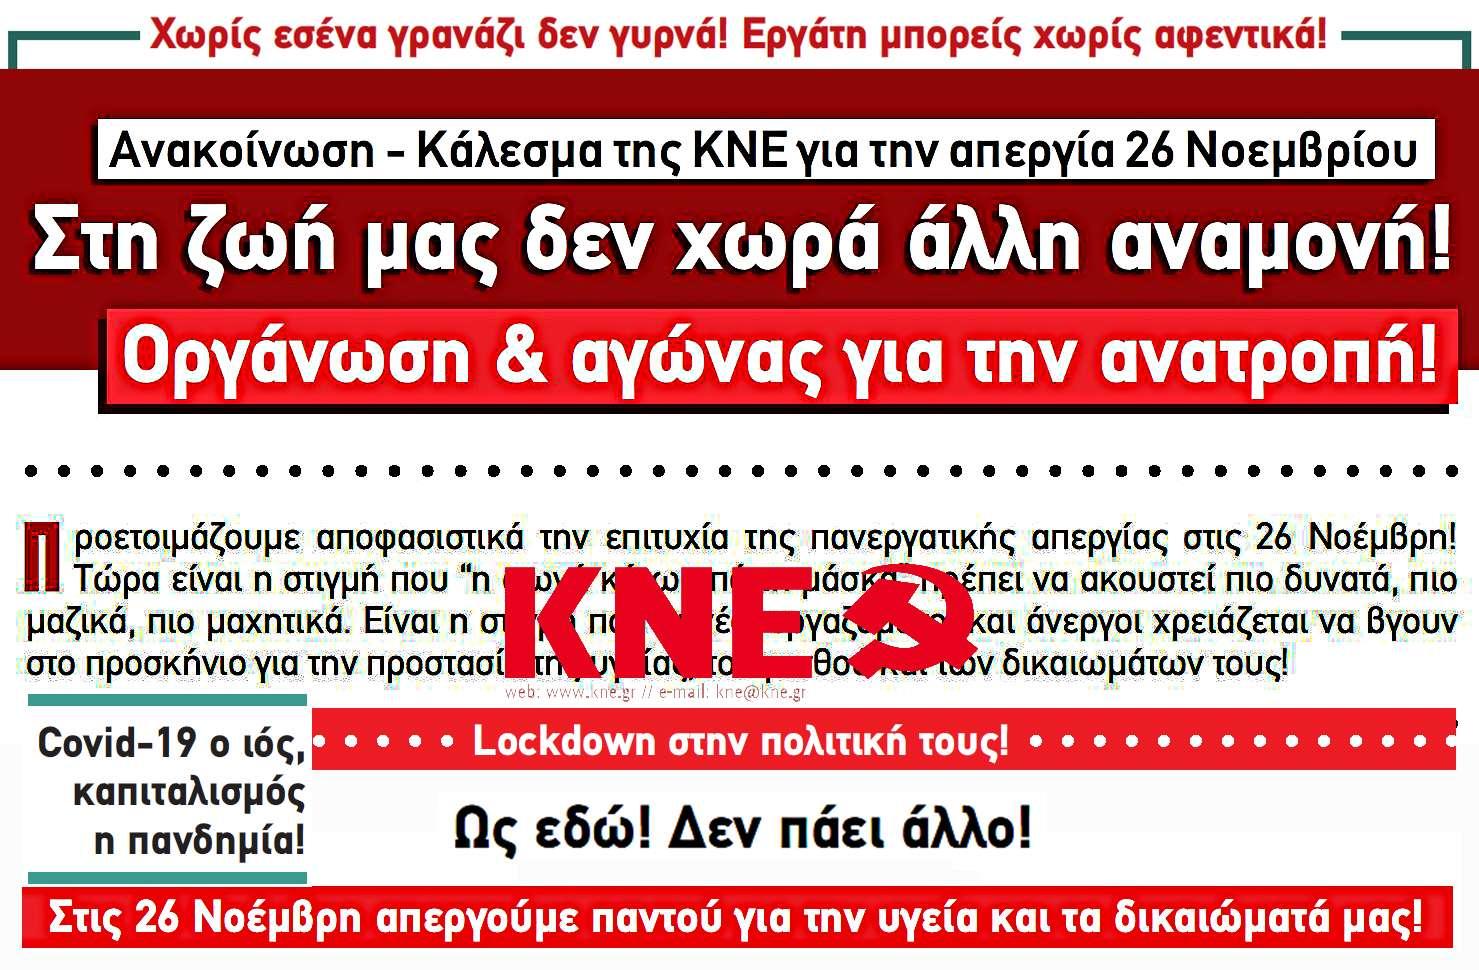 ΚΝΕ: Καλεί στην απεργία της 26ης Νοέμβρη